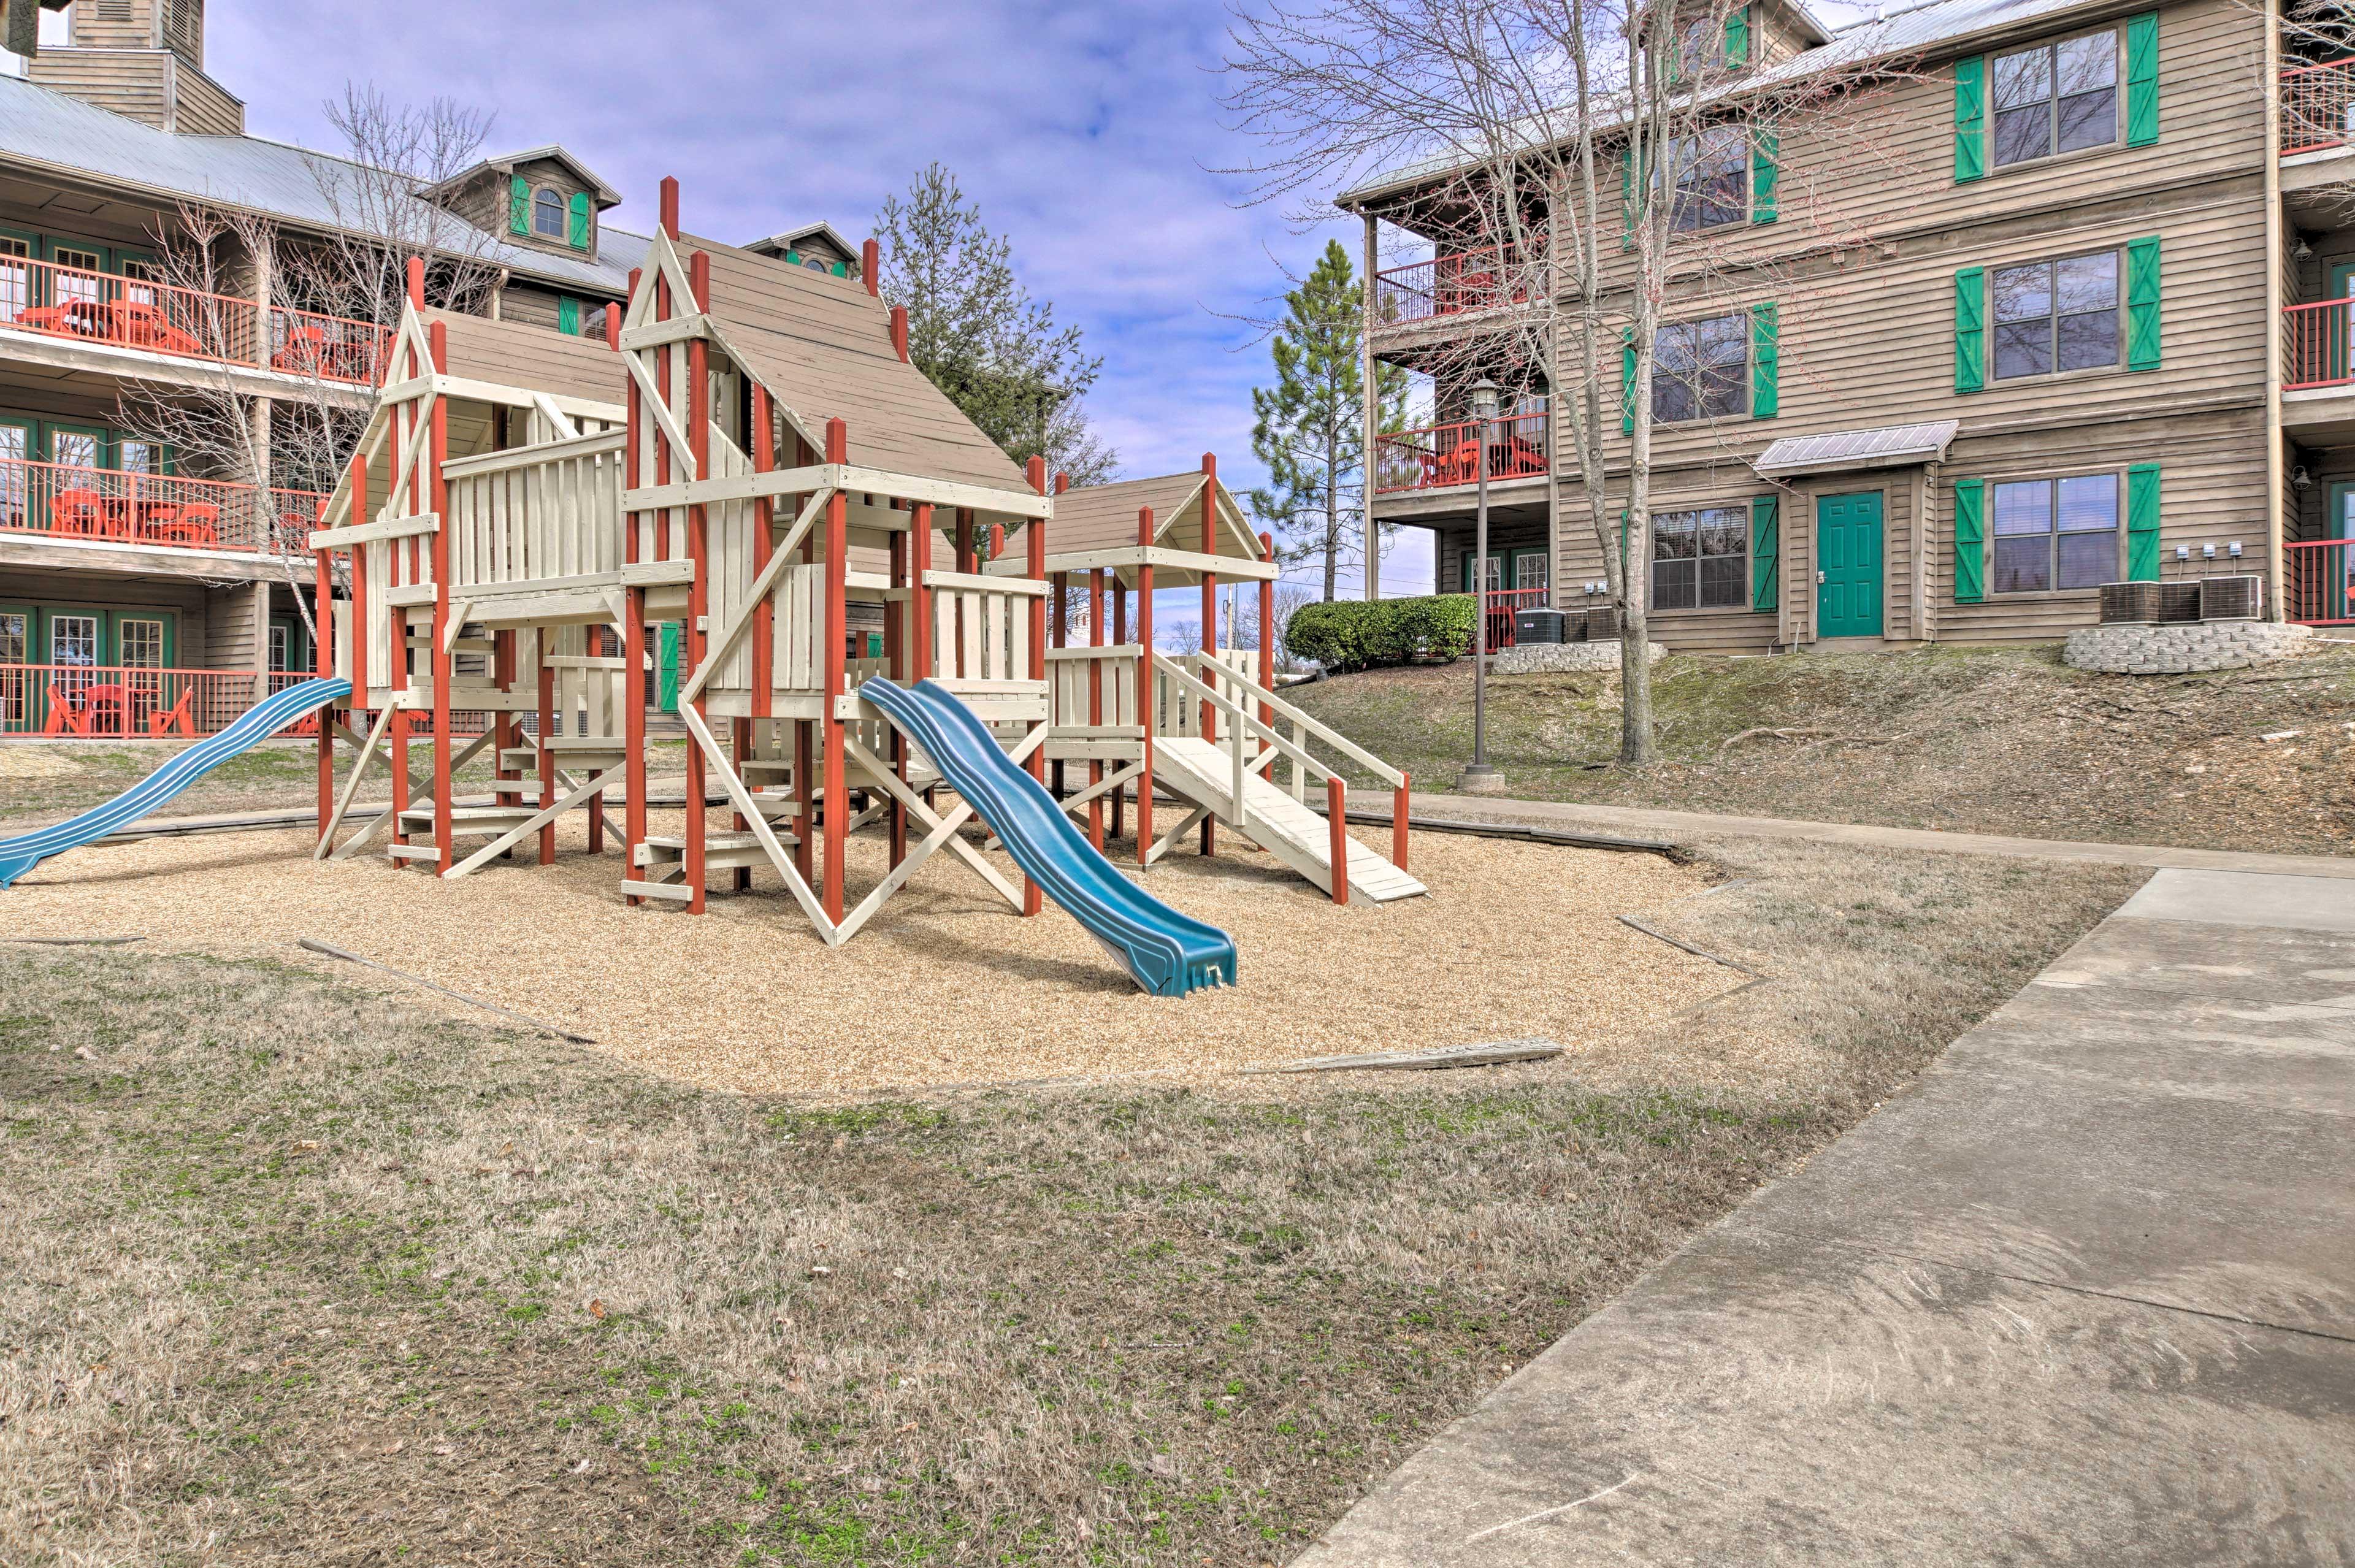 Playground | Short Walk Away